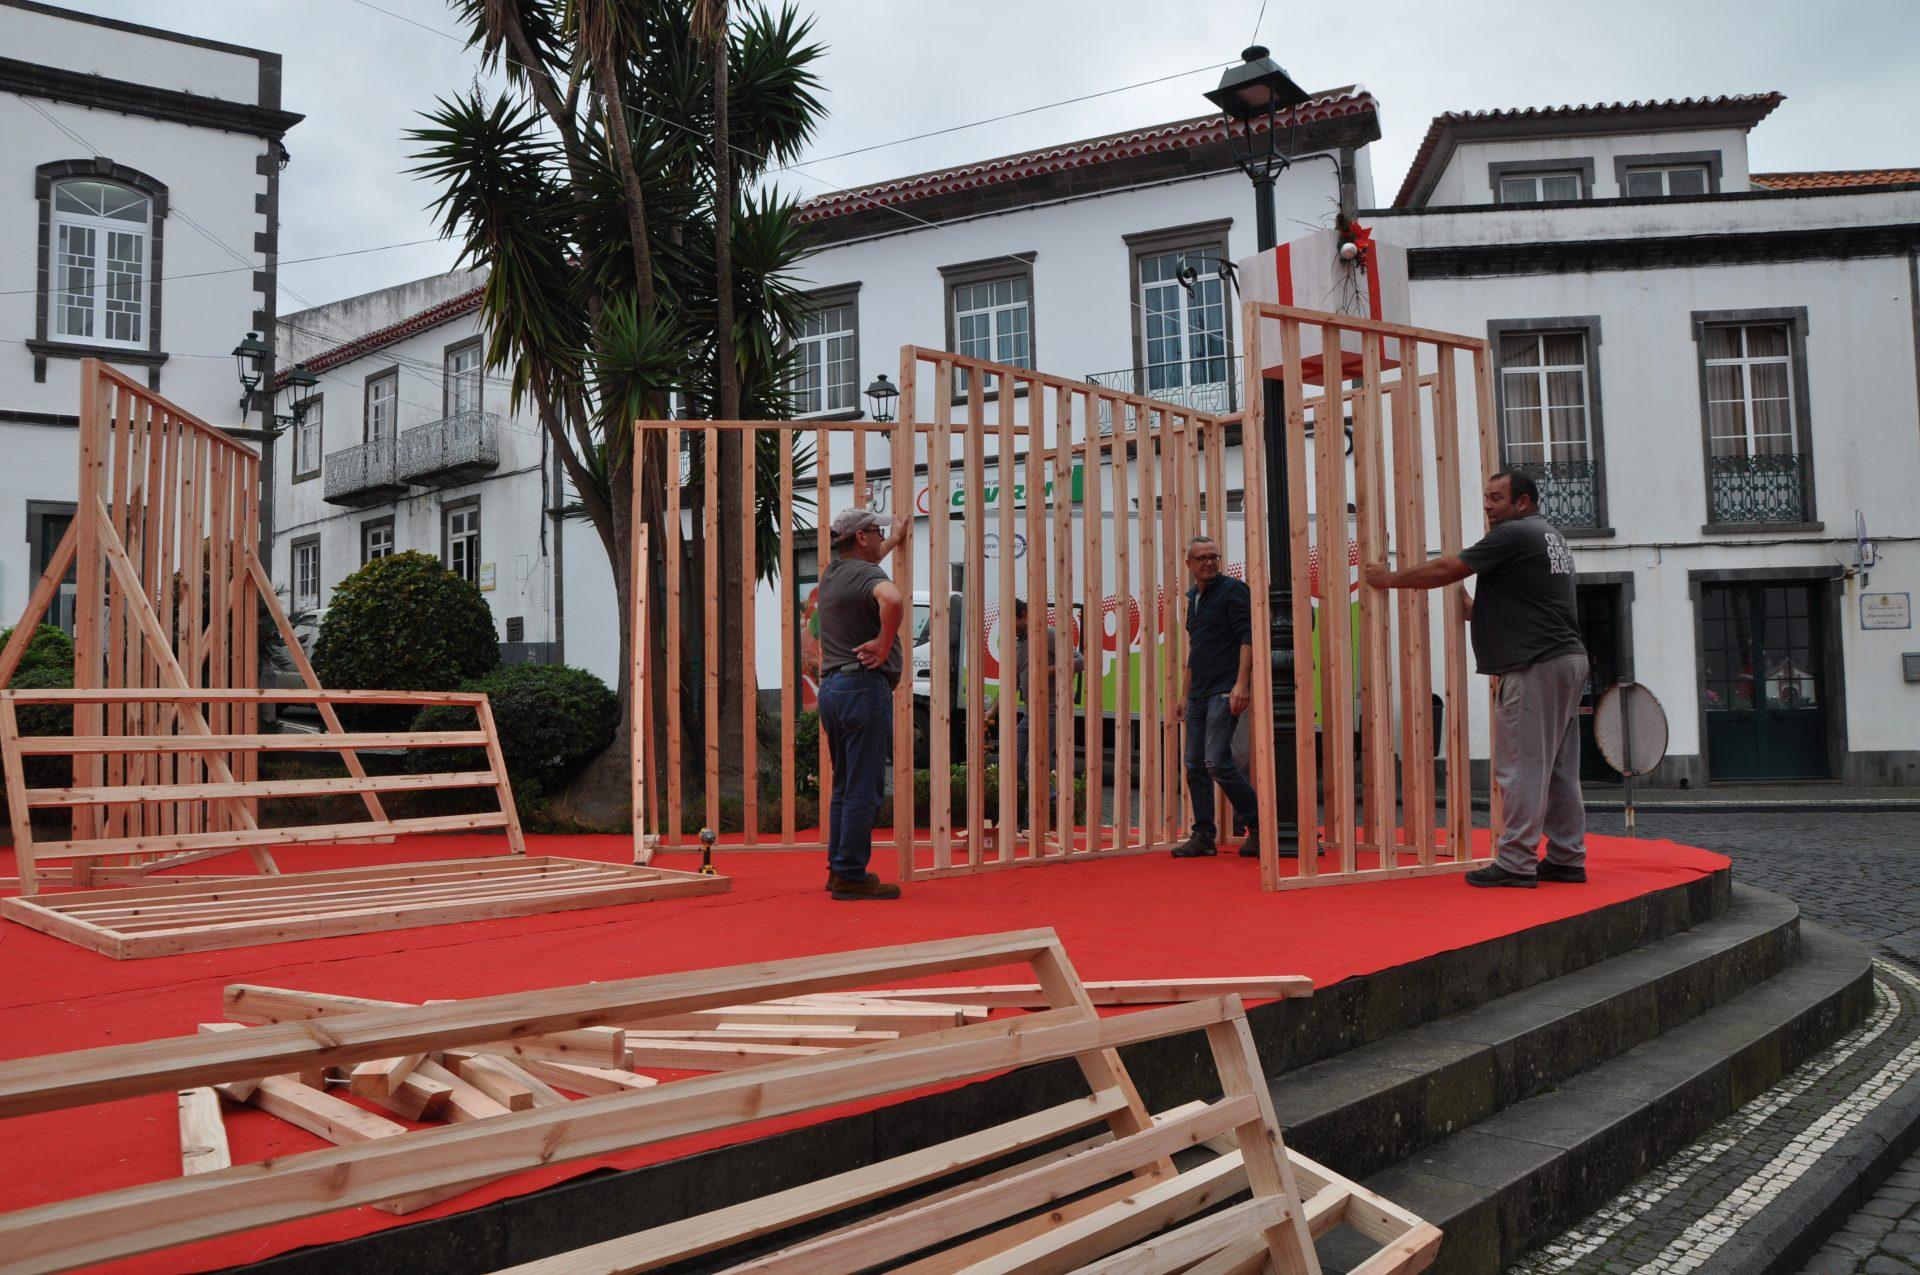 Preparativos das festividades de natal da sede do concelho